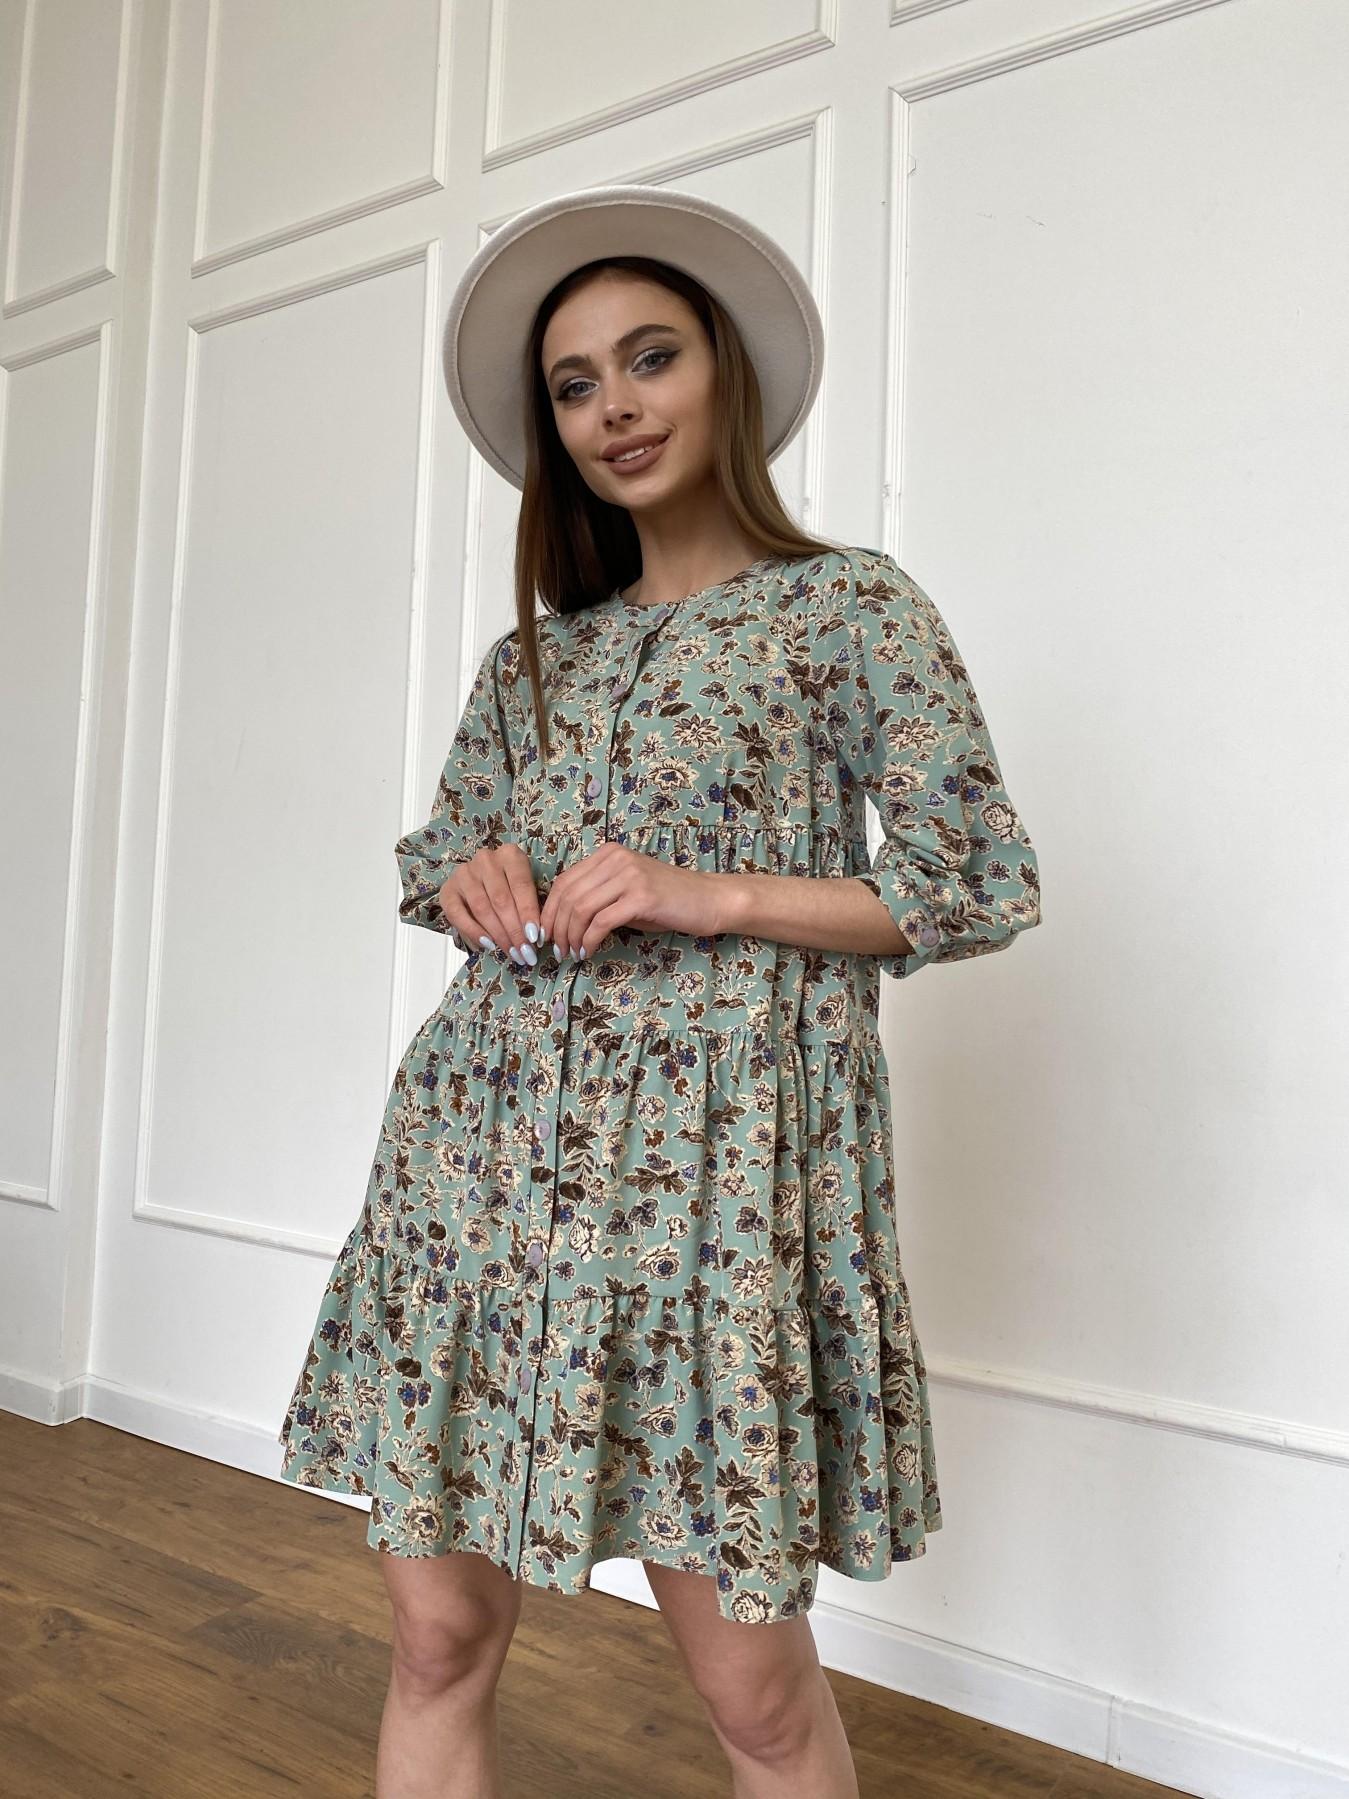 Берри платье из ткани софт в принт 11211 АРТ. 47722 Цвет: Олива/бежевый, Цветы - фото 4, интернет магазин tm-modus.ru